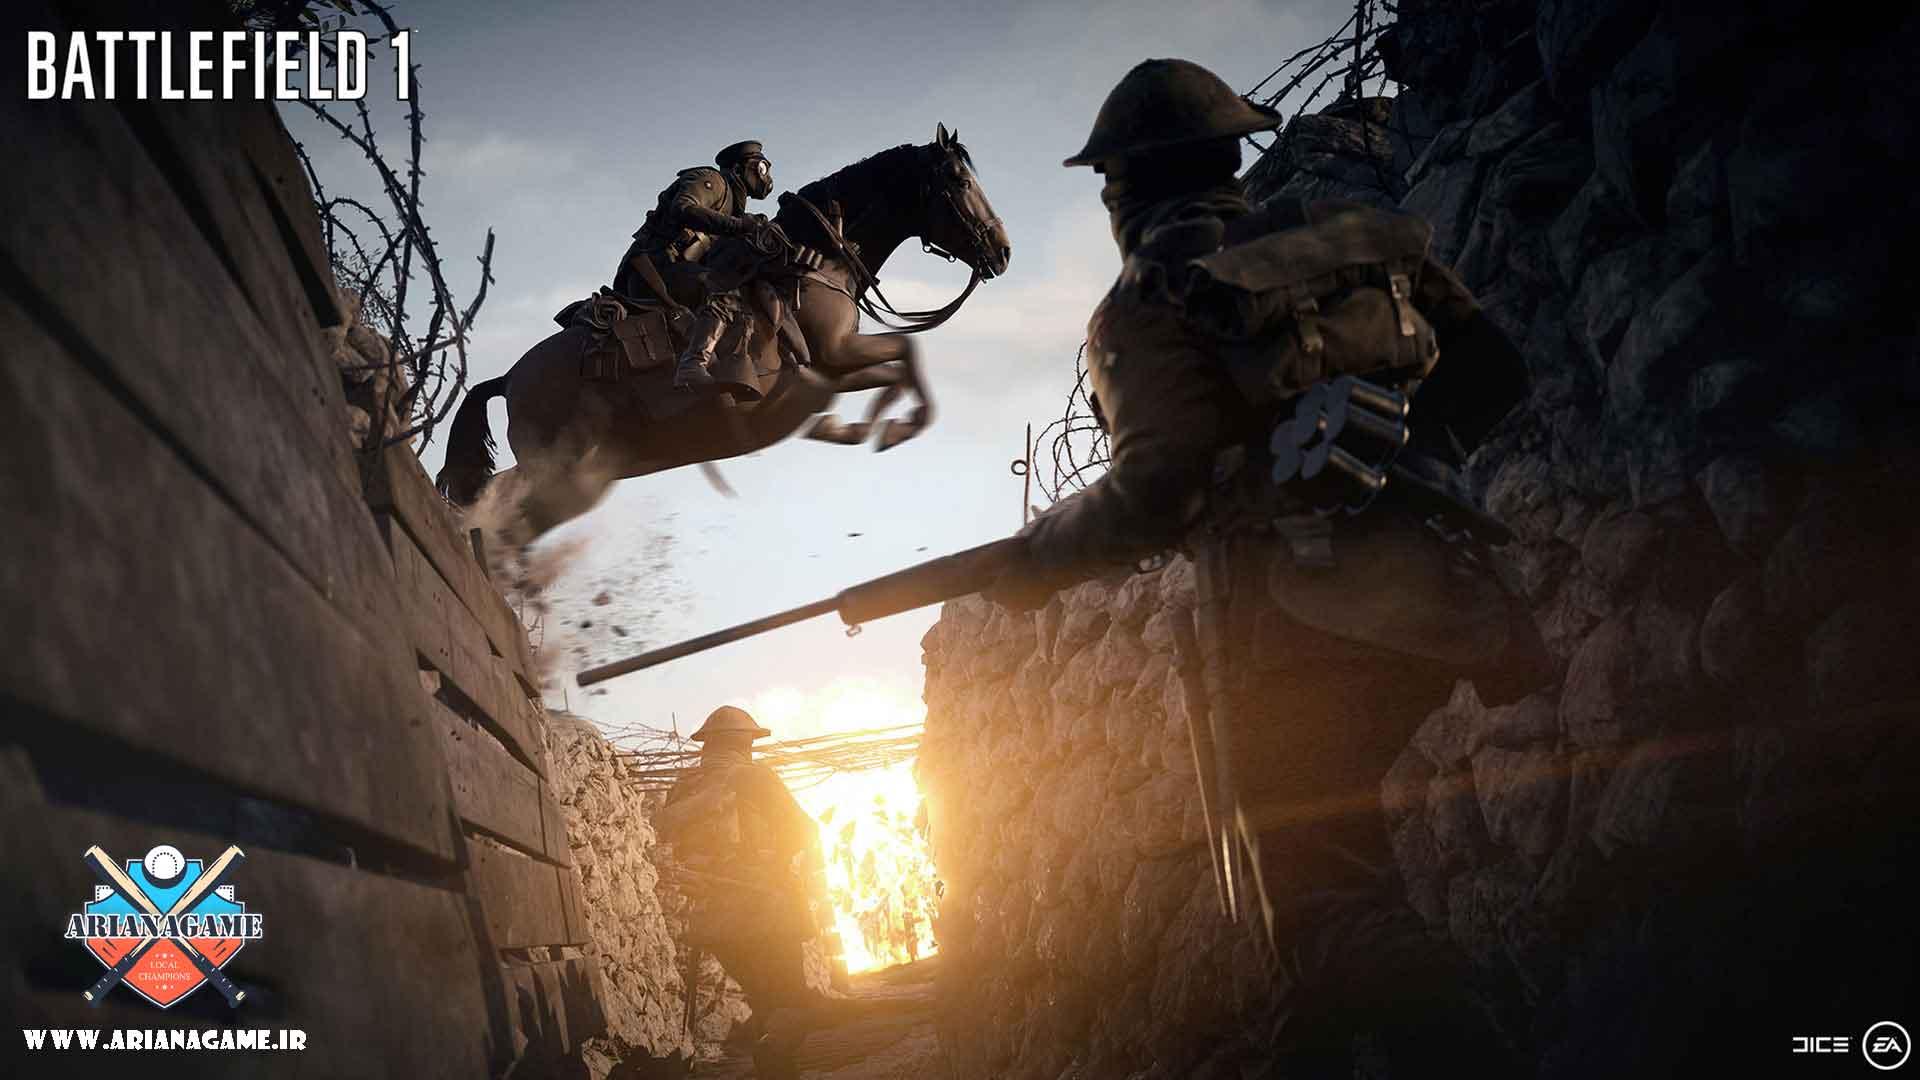 خرید بازی Battlefield 1 (بتلفیلد ۱) برای PC